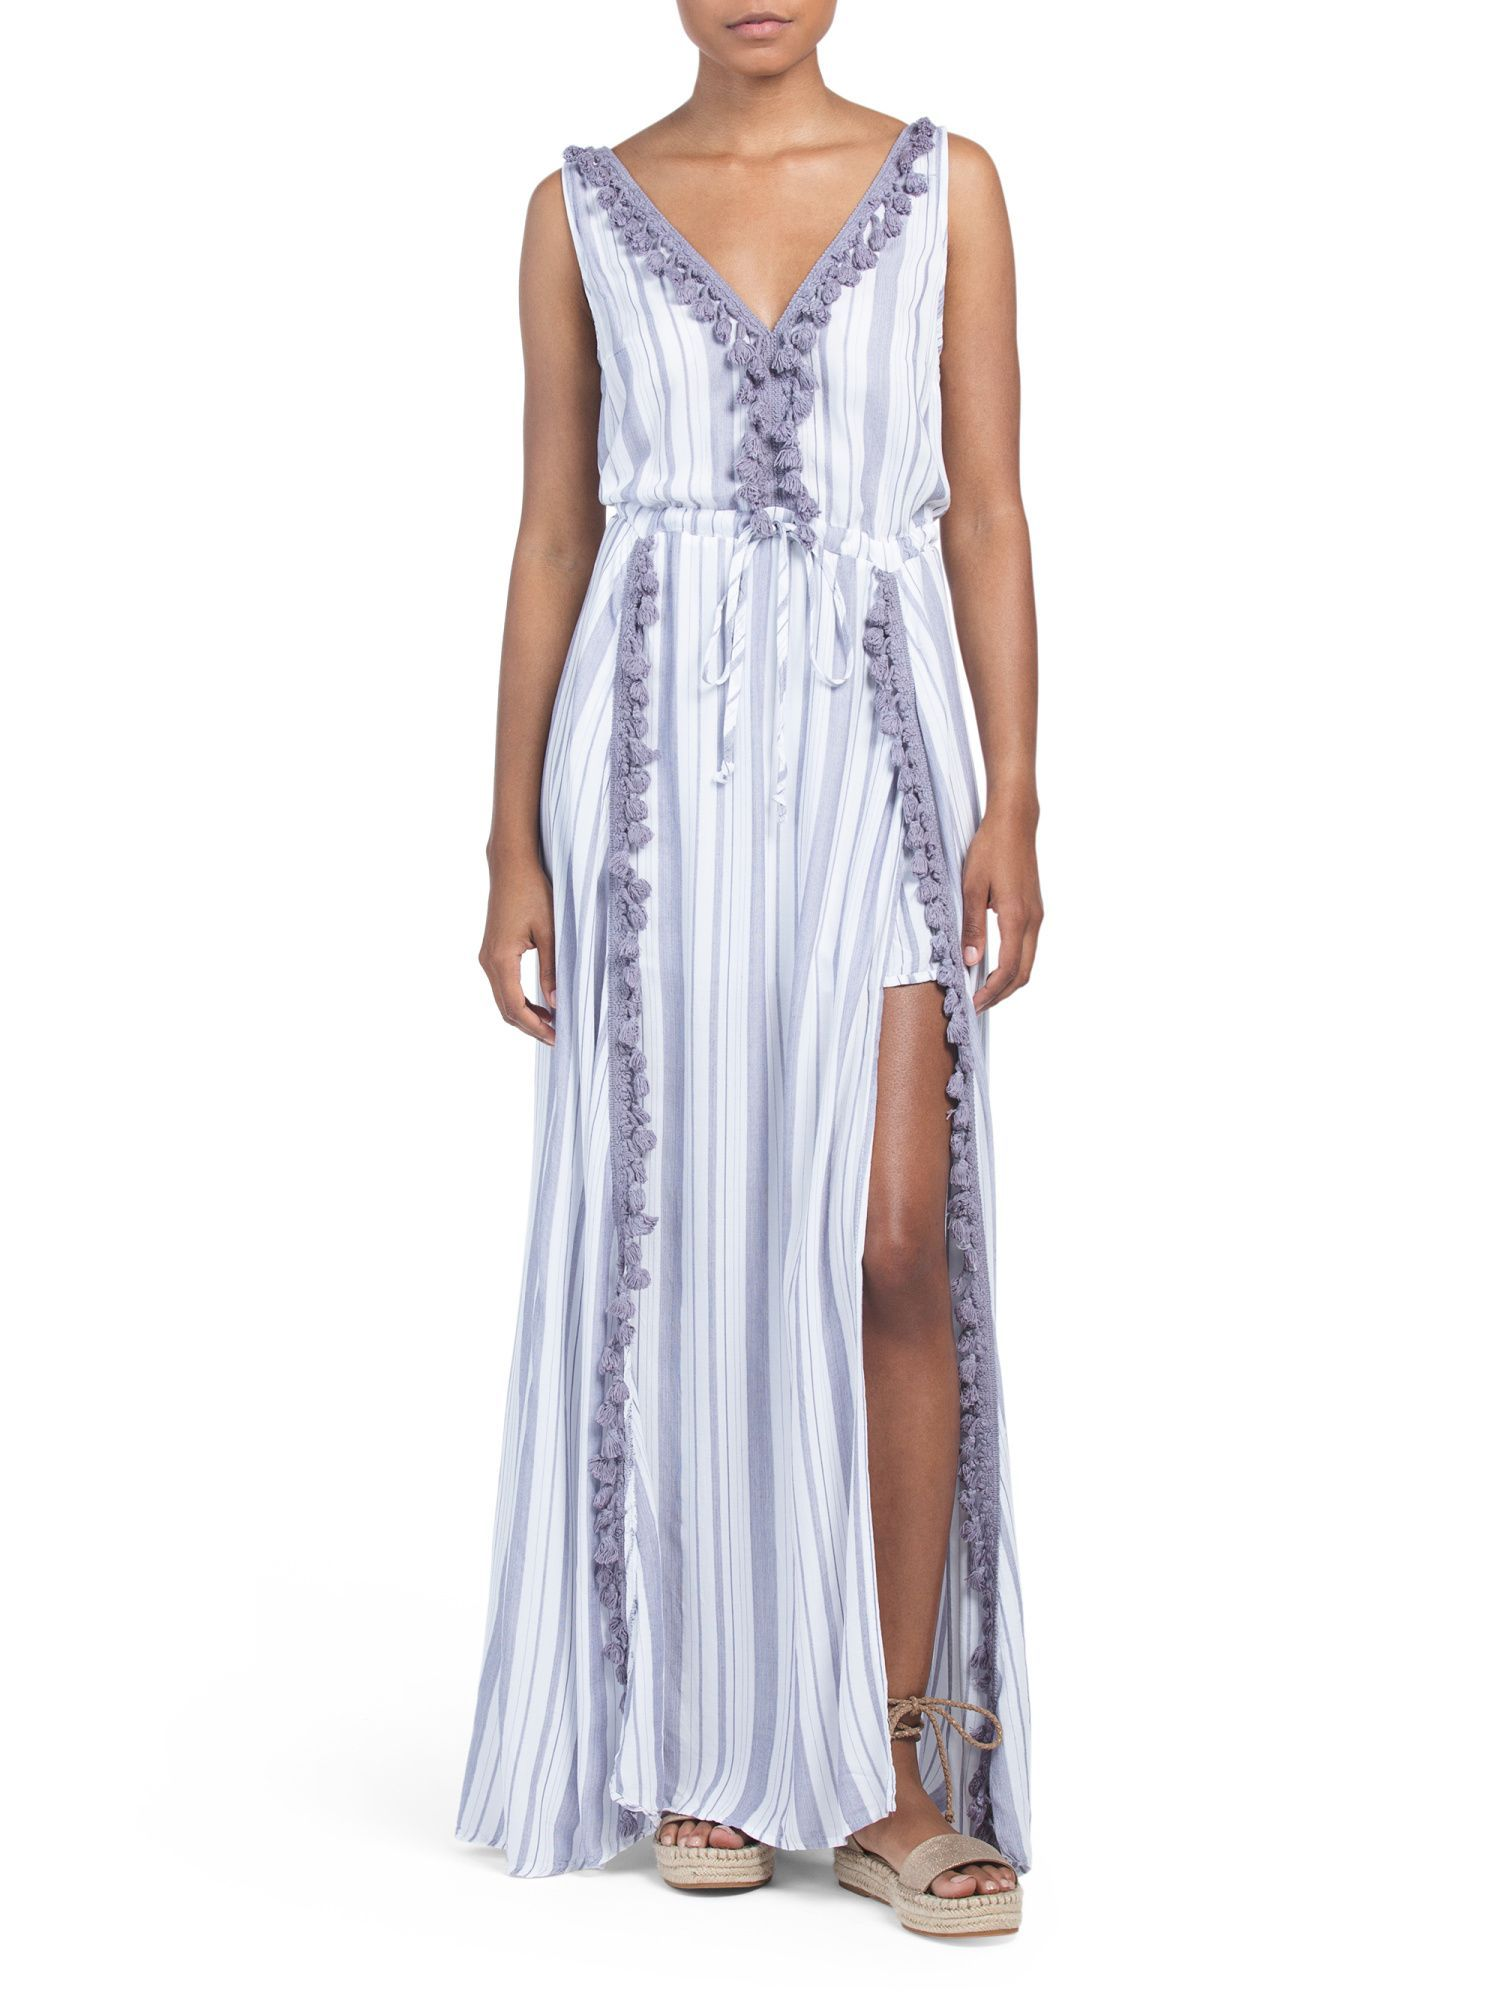 Juniors mikonos maxi dress products pinterest maxi dresses and